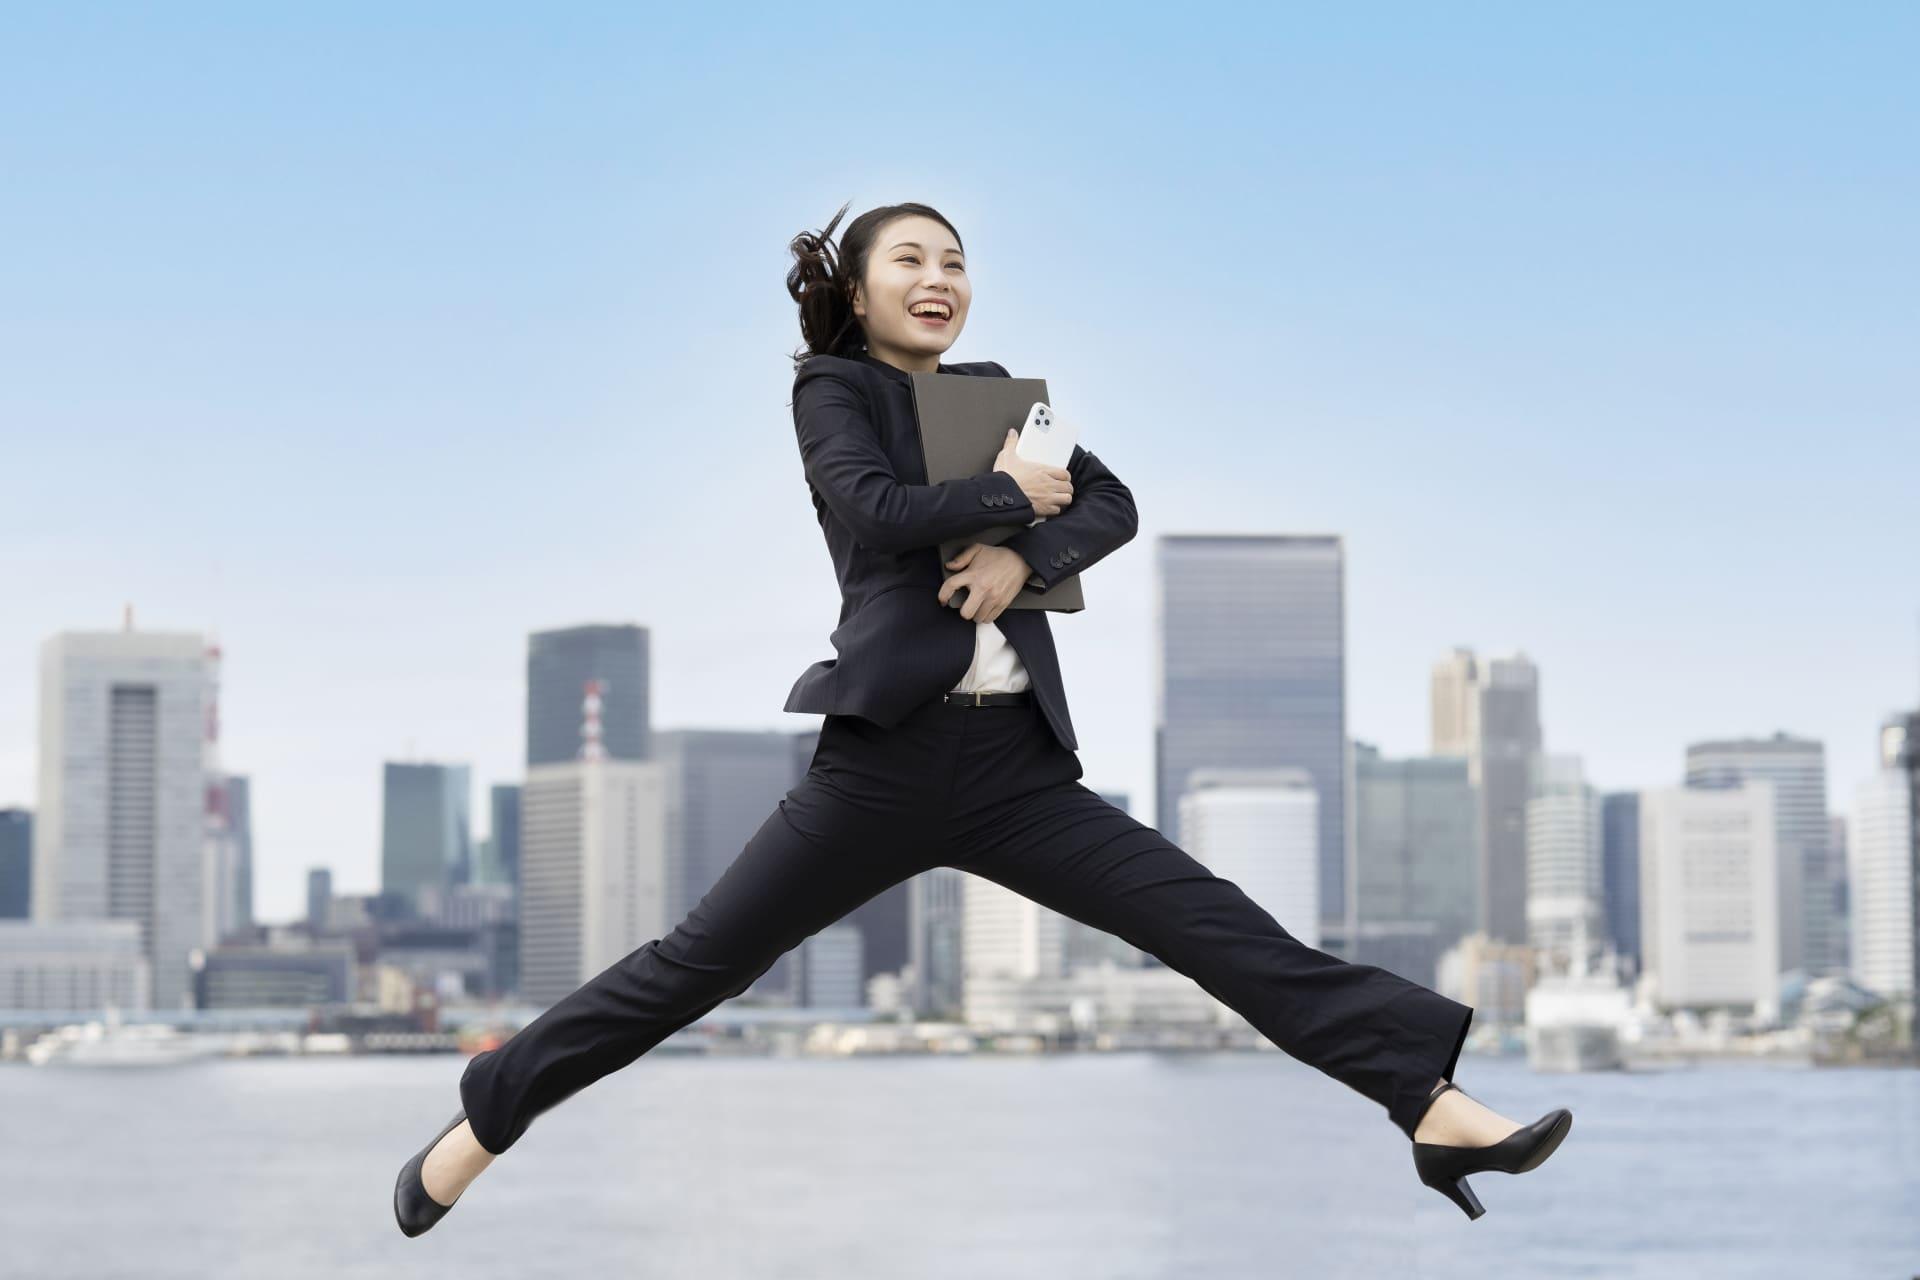 笑顔でジャンプするビジネスウーマン